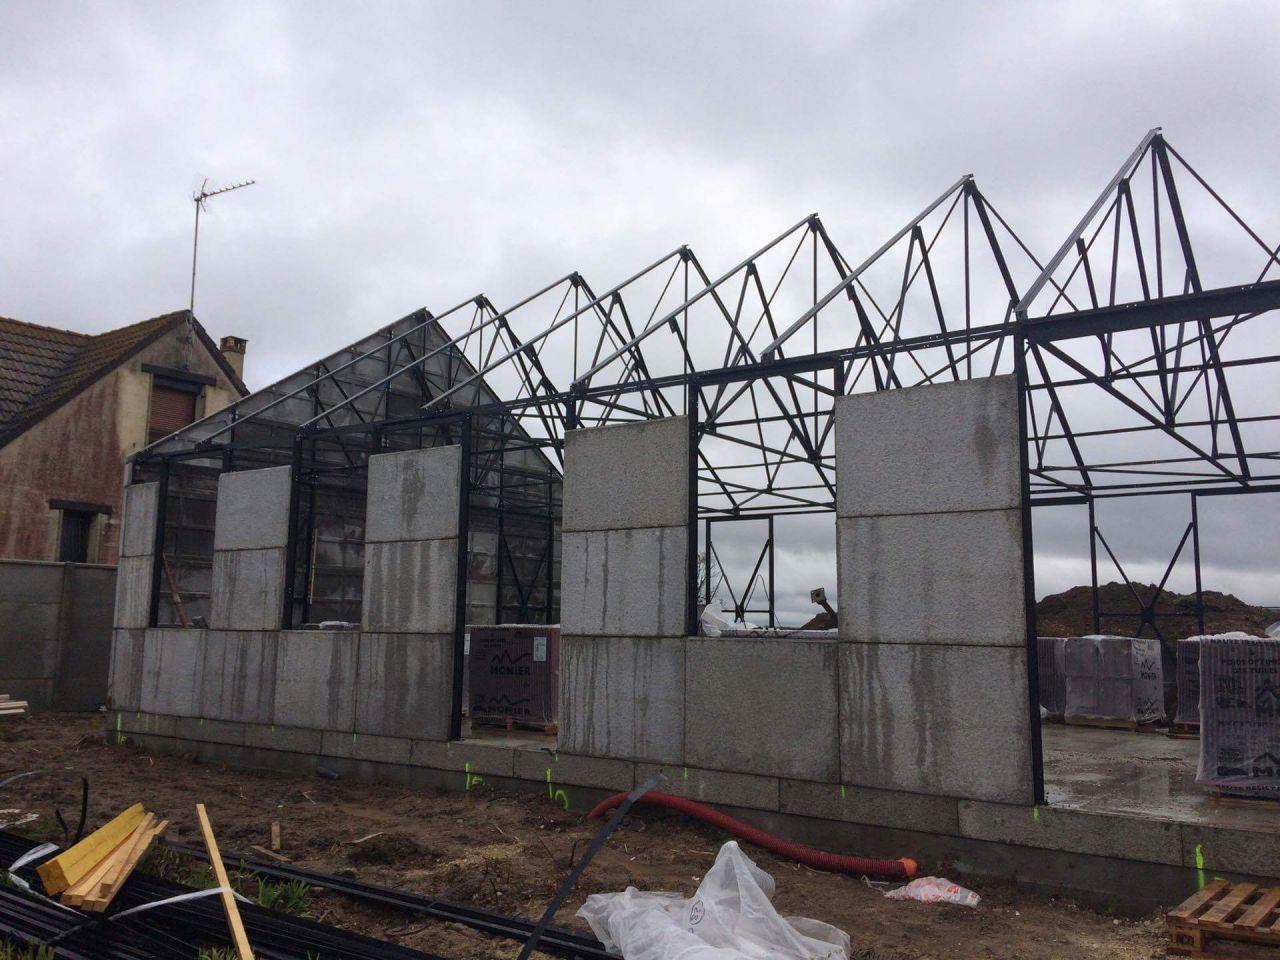 Construction ossature métallique - Eure Et Loir (28) - mars 2017